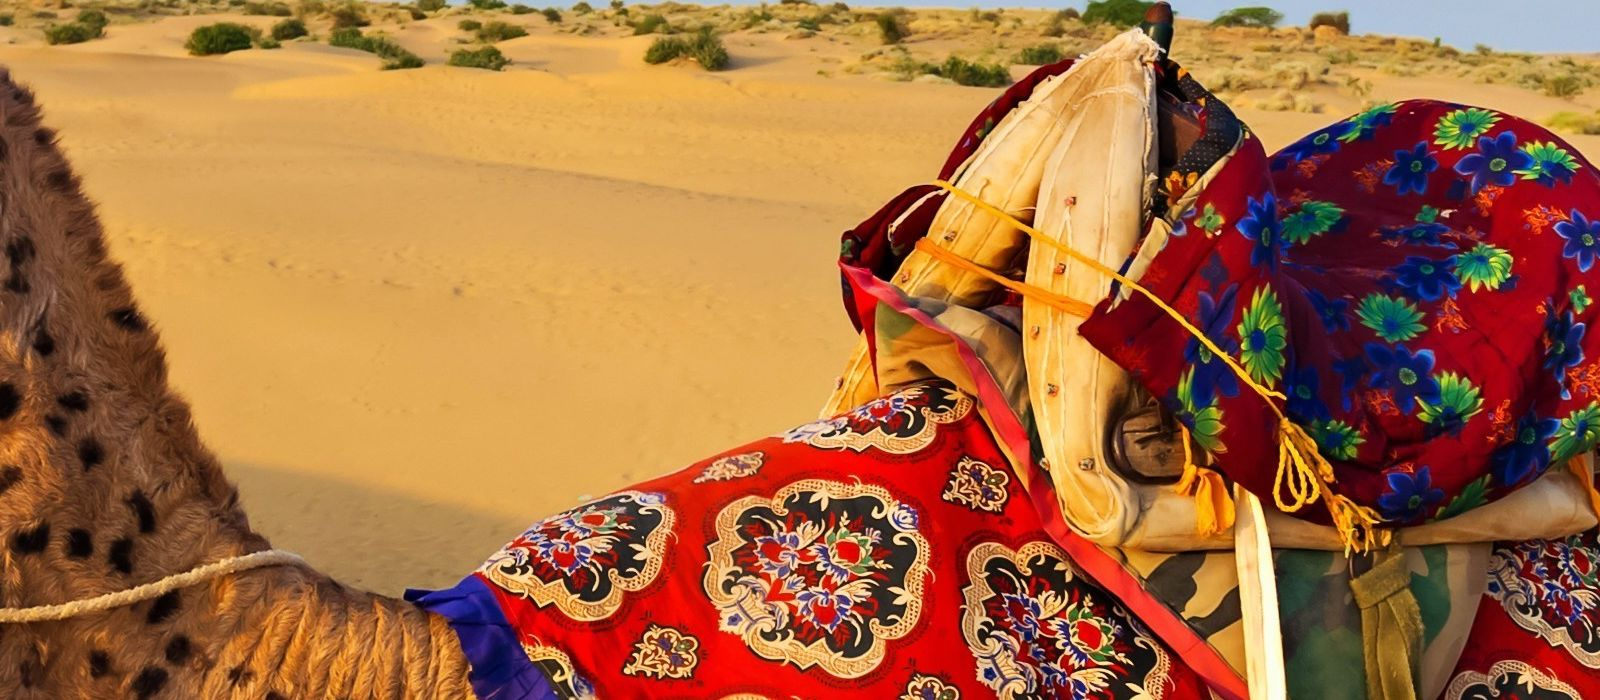 Rajasthan Rundreise: Geheimnisvolle Wüste, Paläste & Seen Urlaub 1